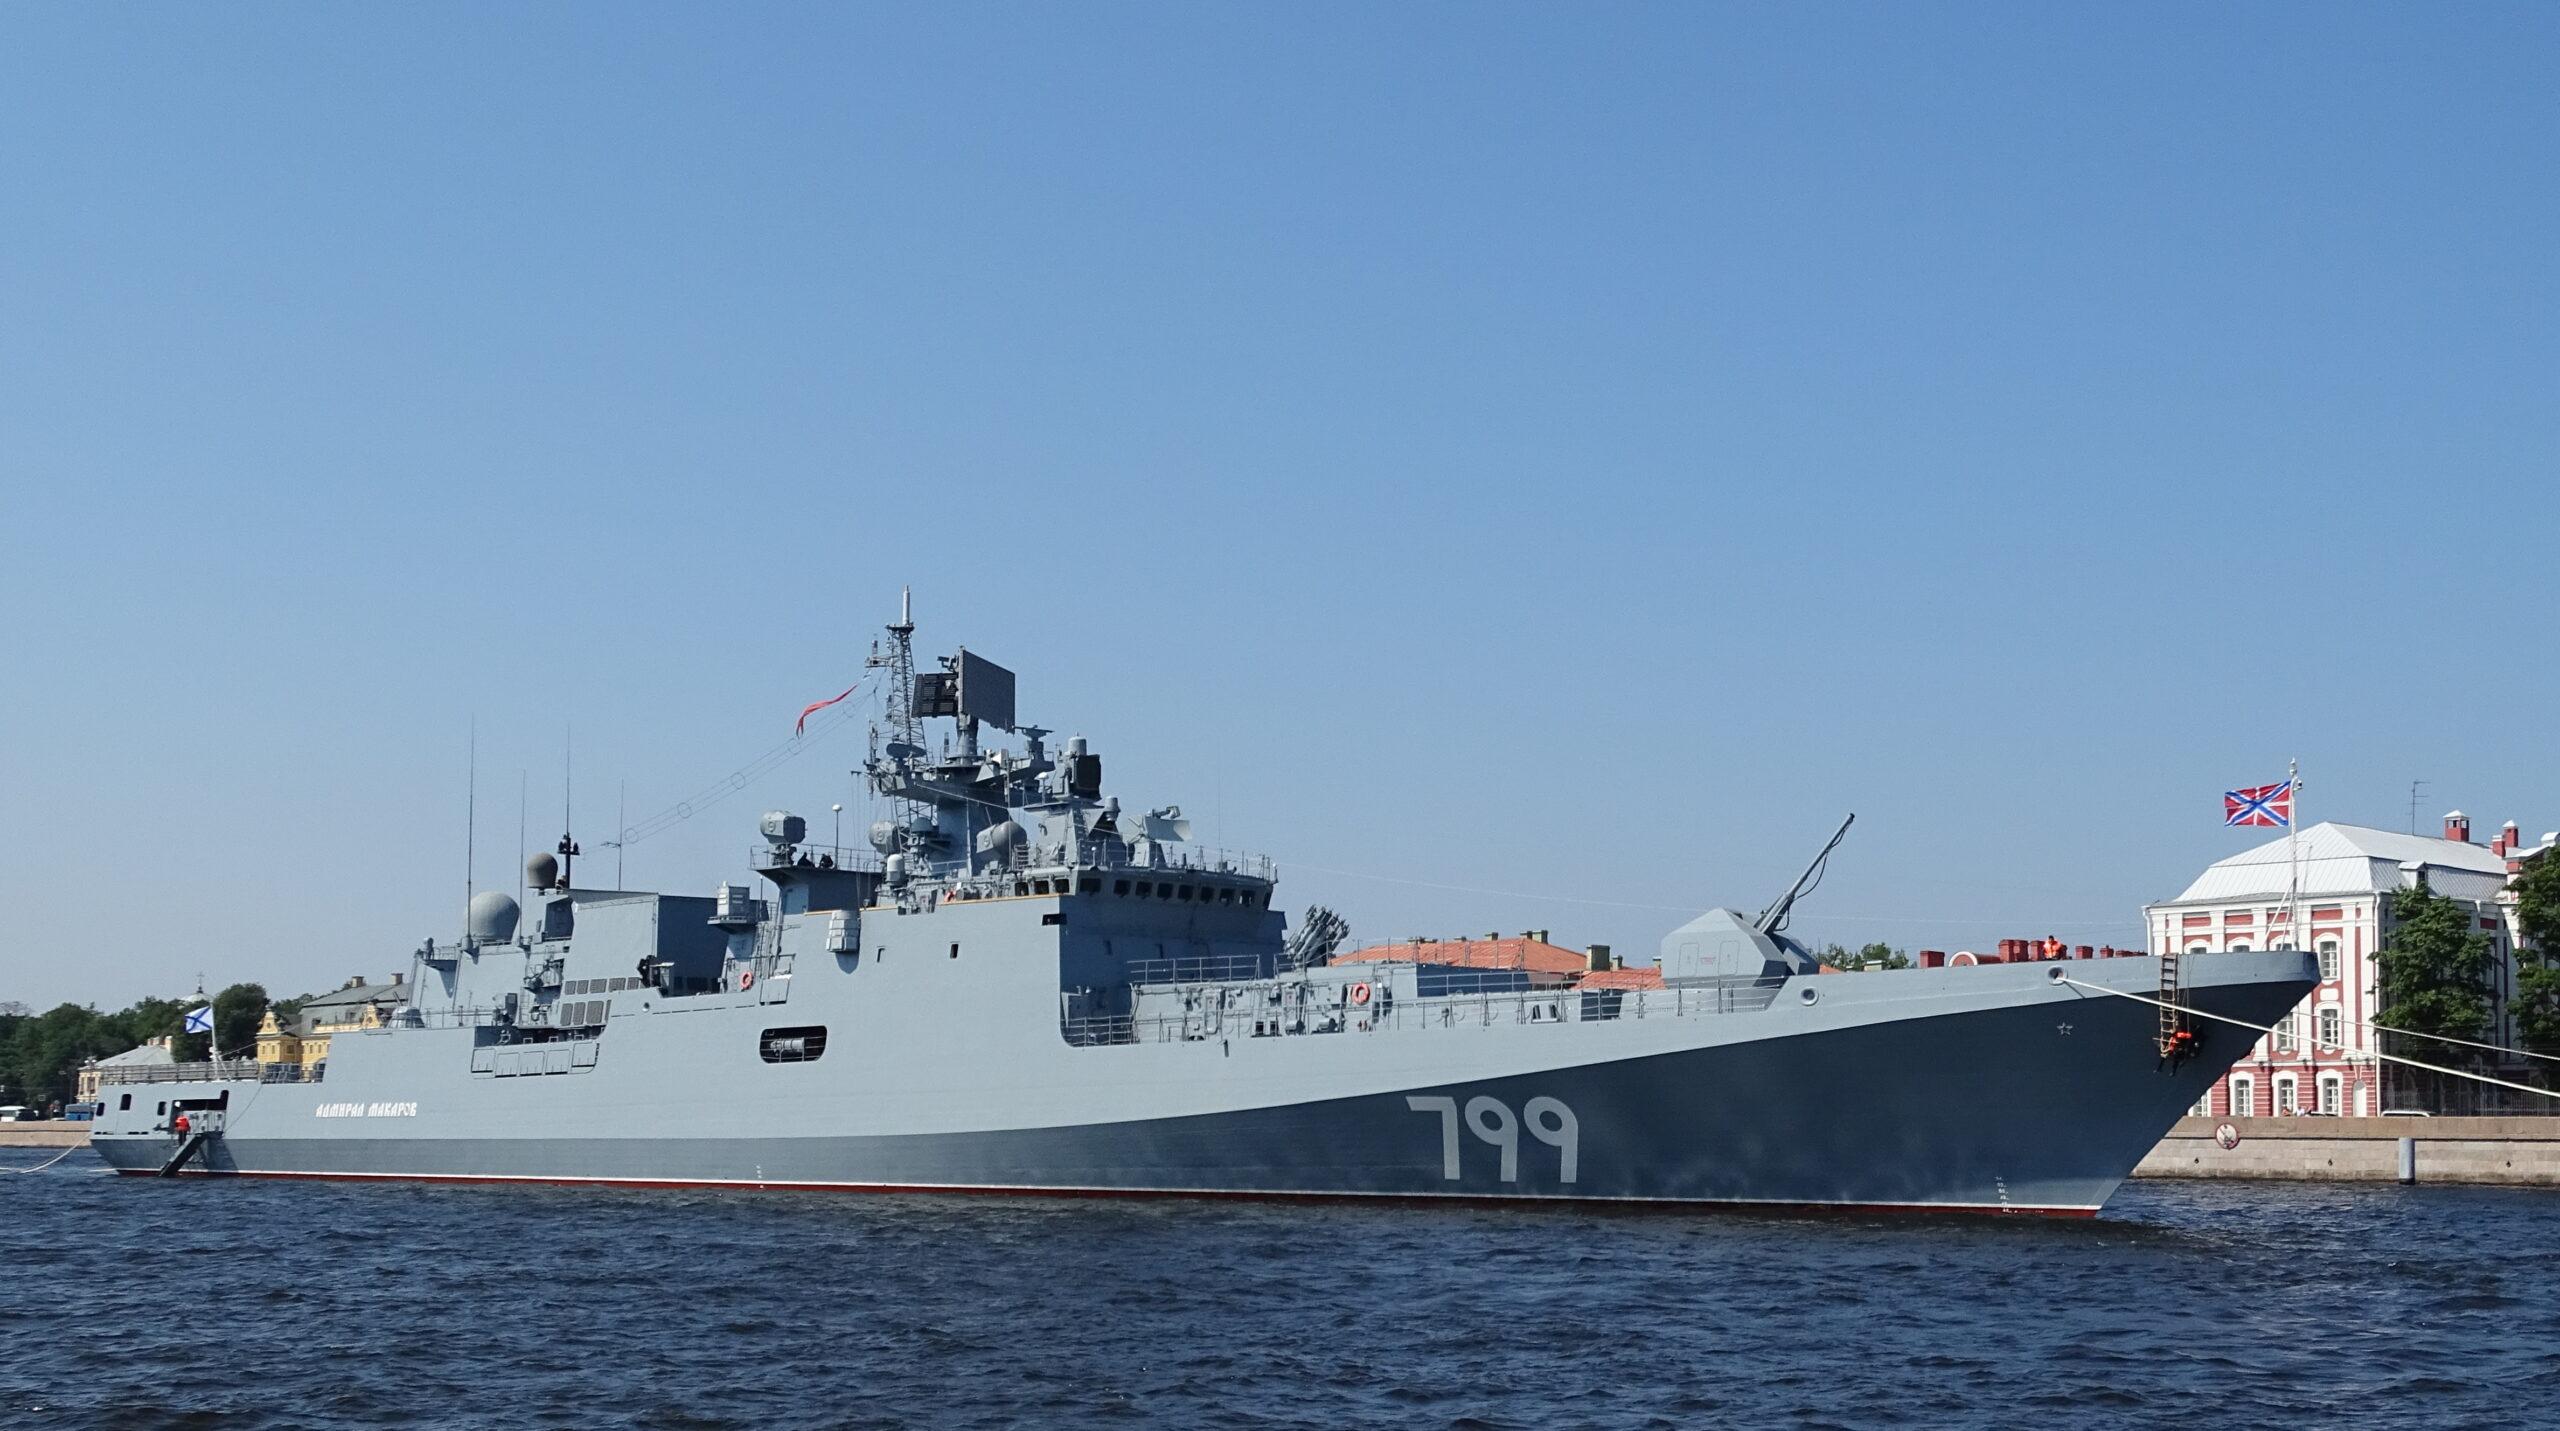 Reuniune de urgență a NATO. Rusia trimite nave de război în Mediterana